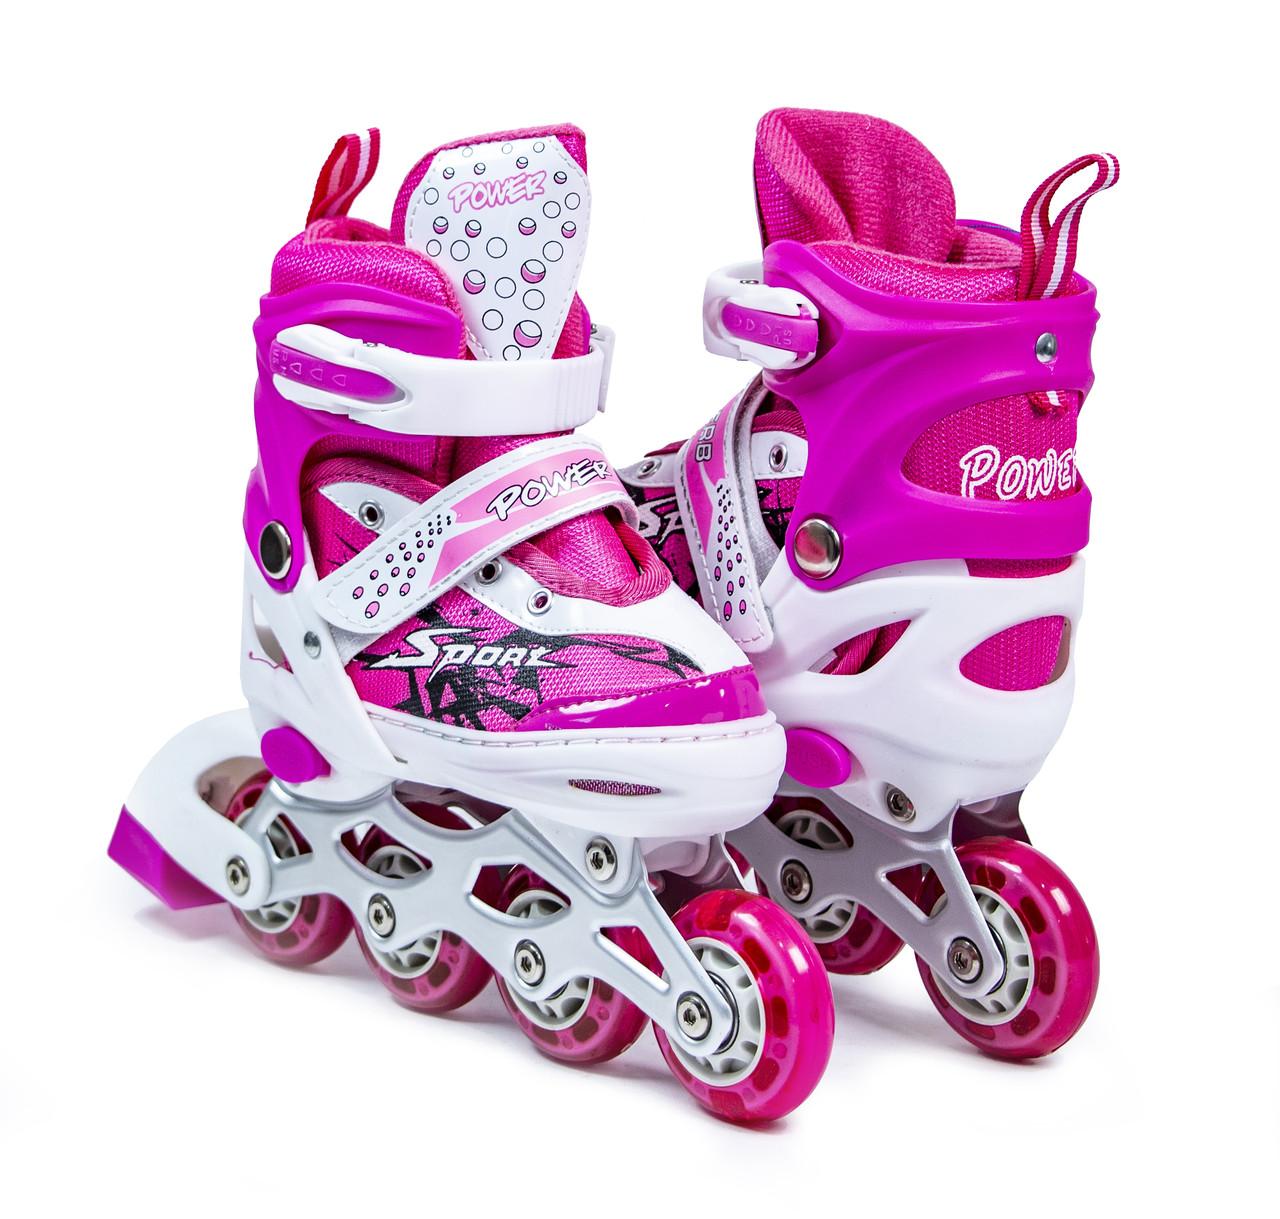 Детские ролики BooM Sport. Розовые